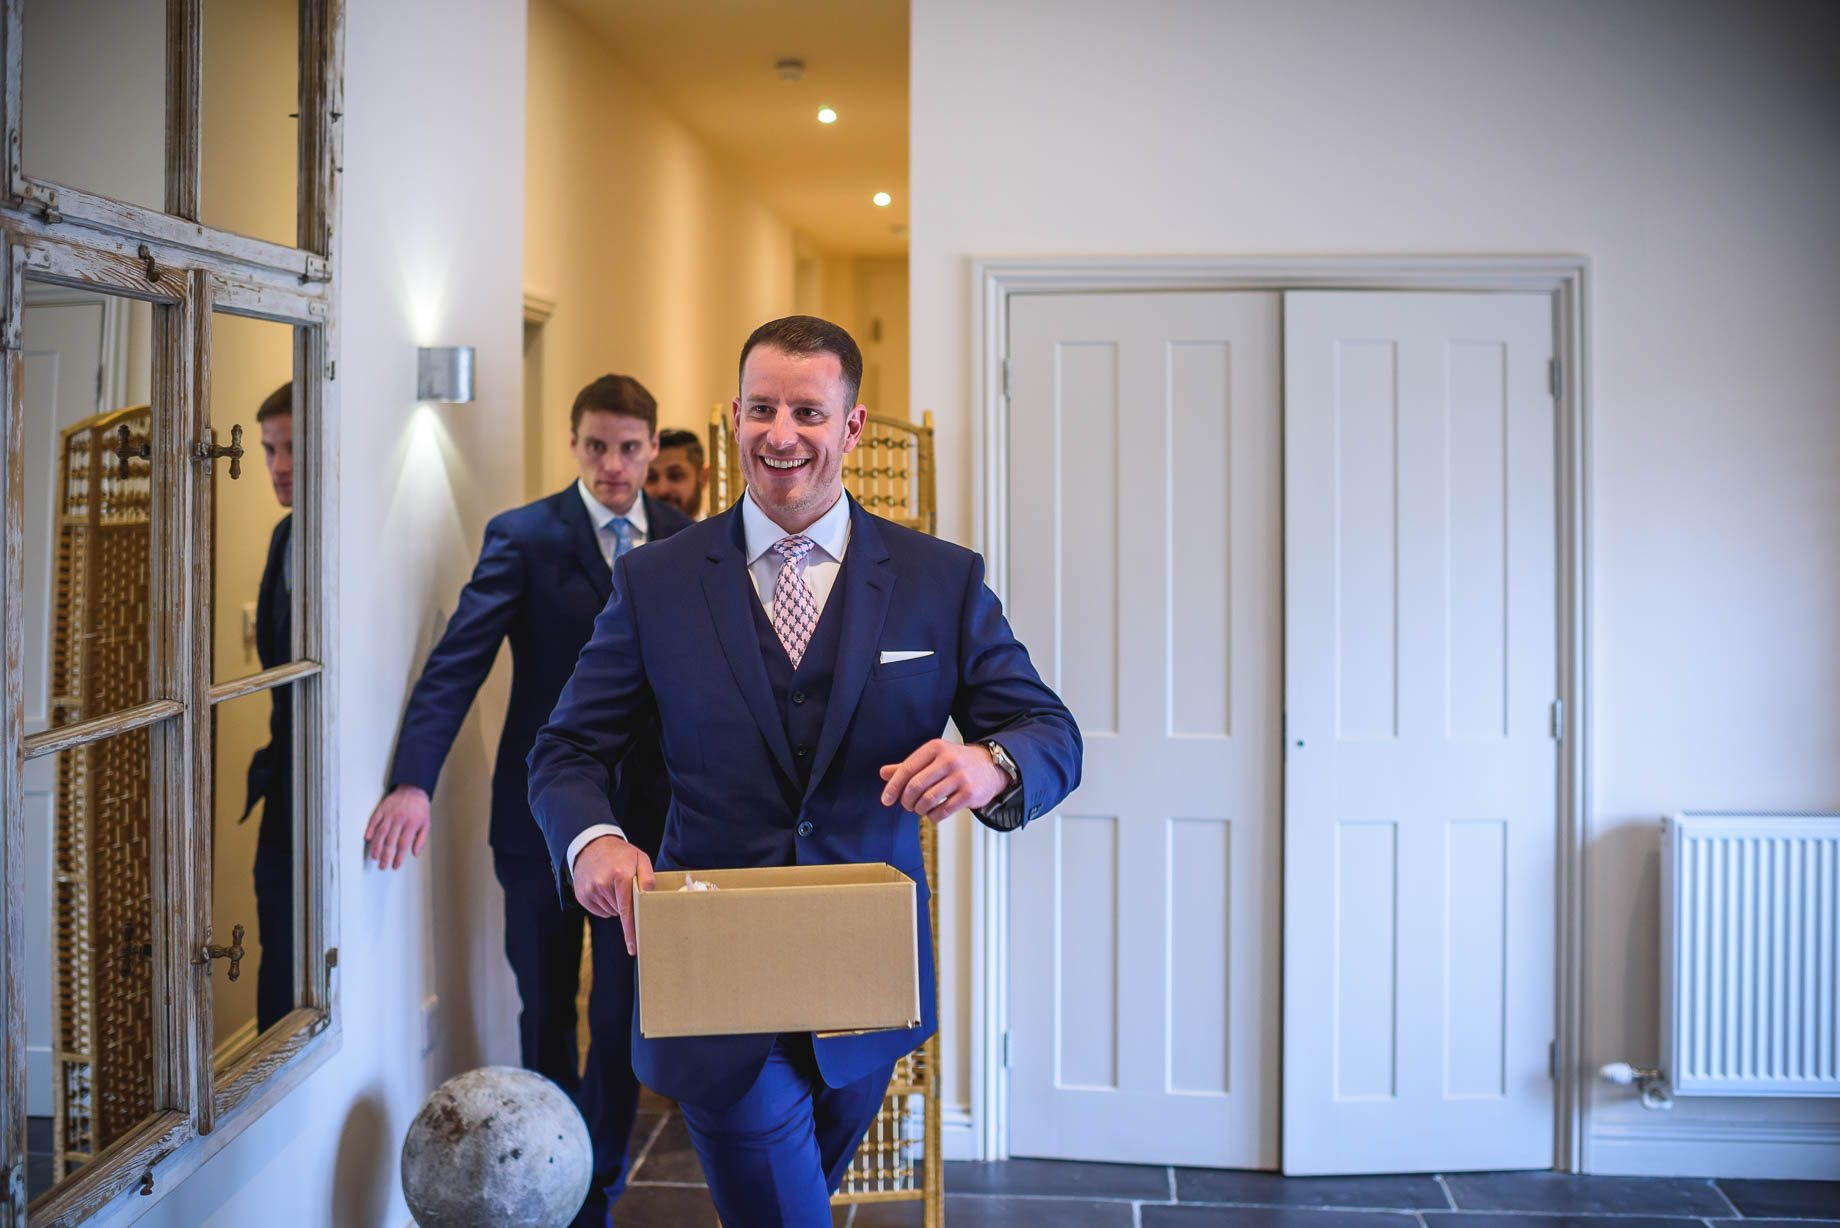 Millbridge Court Wedding Photography - Lisa and Daniel (37 of 173)